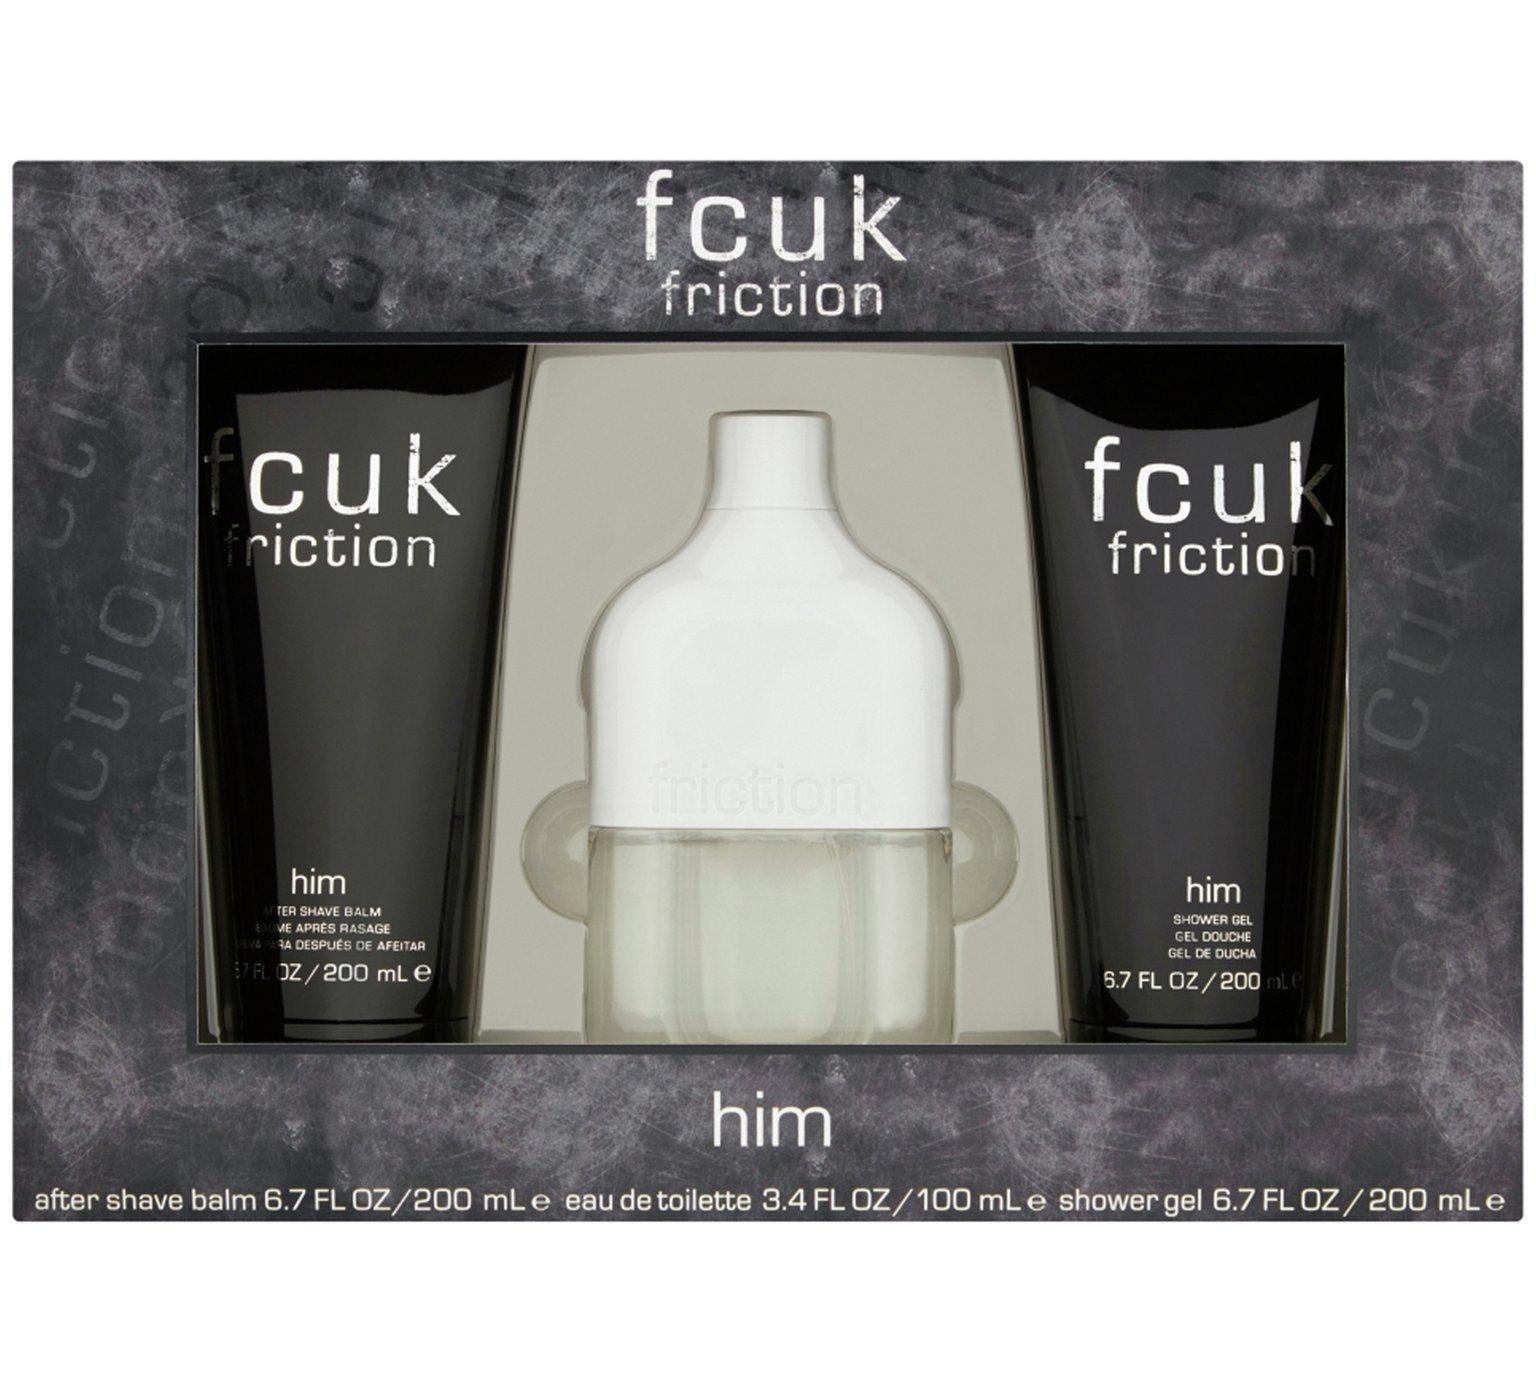 FCUK Friction Eau de Toilette for Men Gift Set - Includes 100ml EDT £14.99 @ Argos